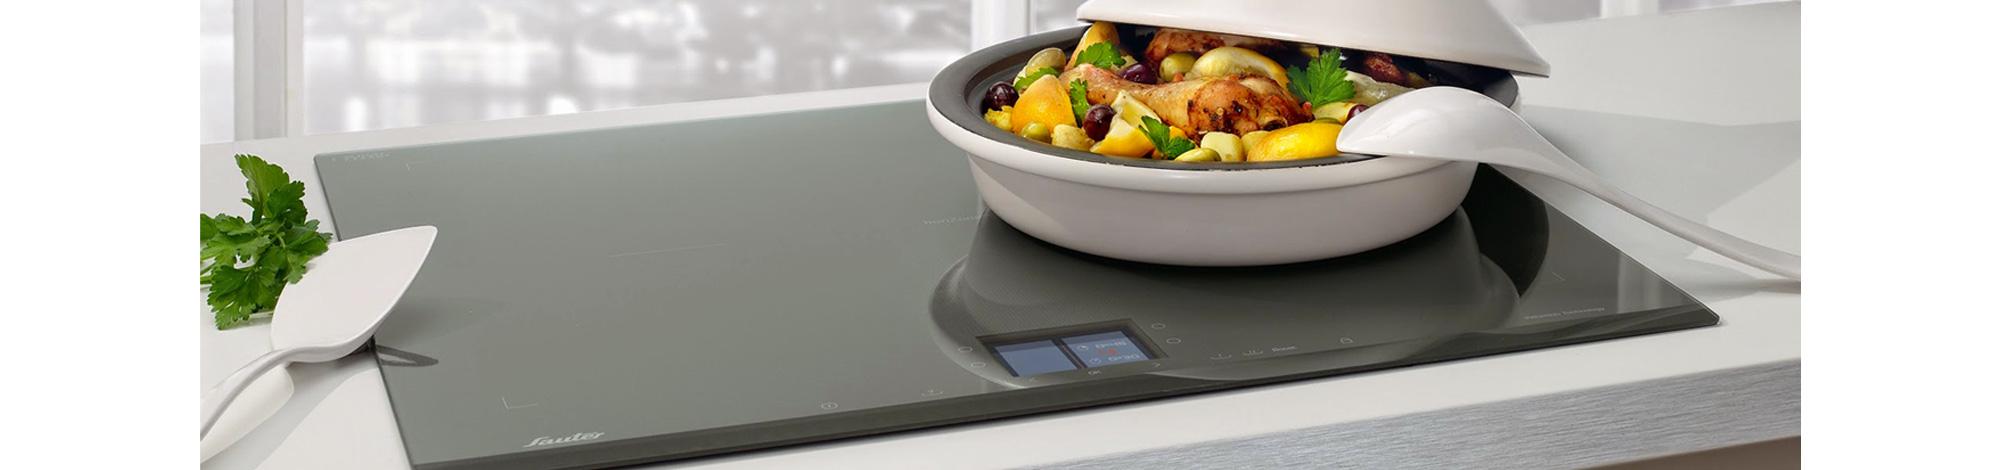 De Dietrich Kitchen Appliances Sauter Groupe Brandt